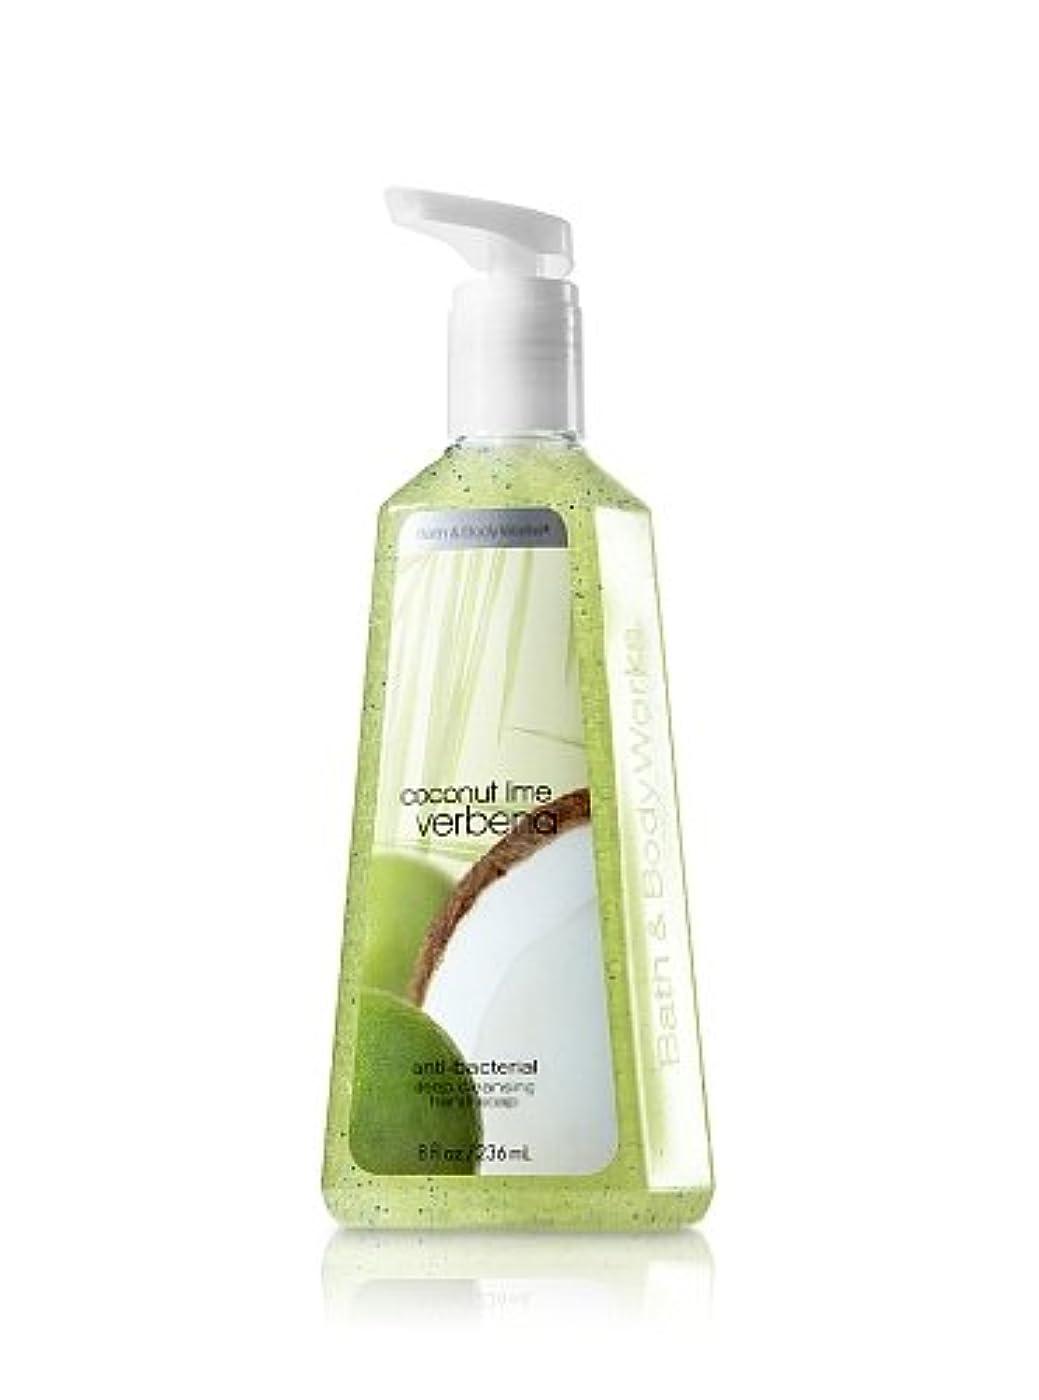 財団子豚受けるバス&ボディワークス ココナッツライムバーベナ ディープクレンジングハンドソープ Coconut Lime Verbena Deep Cleansing Hand Soap [海外直送品]